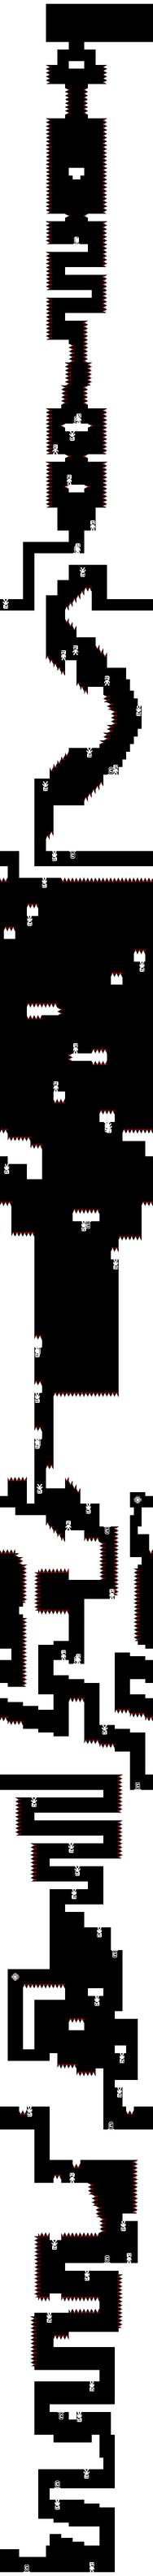 Vvvvvv tower map